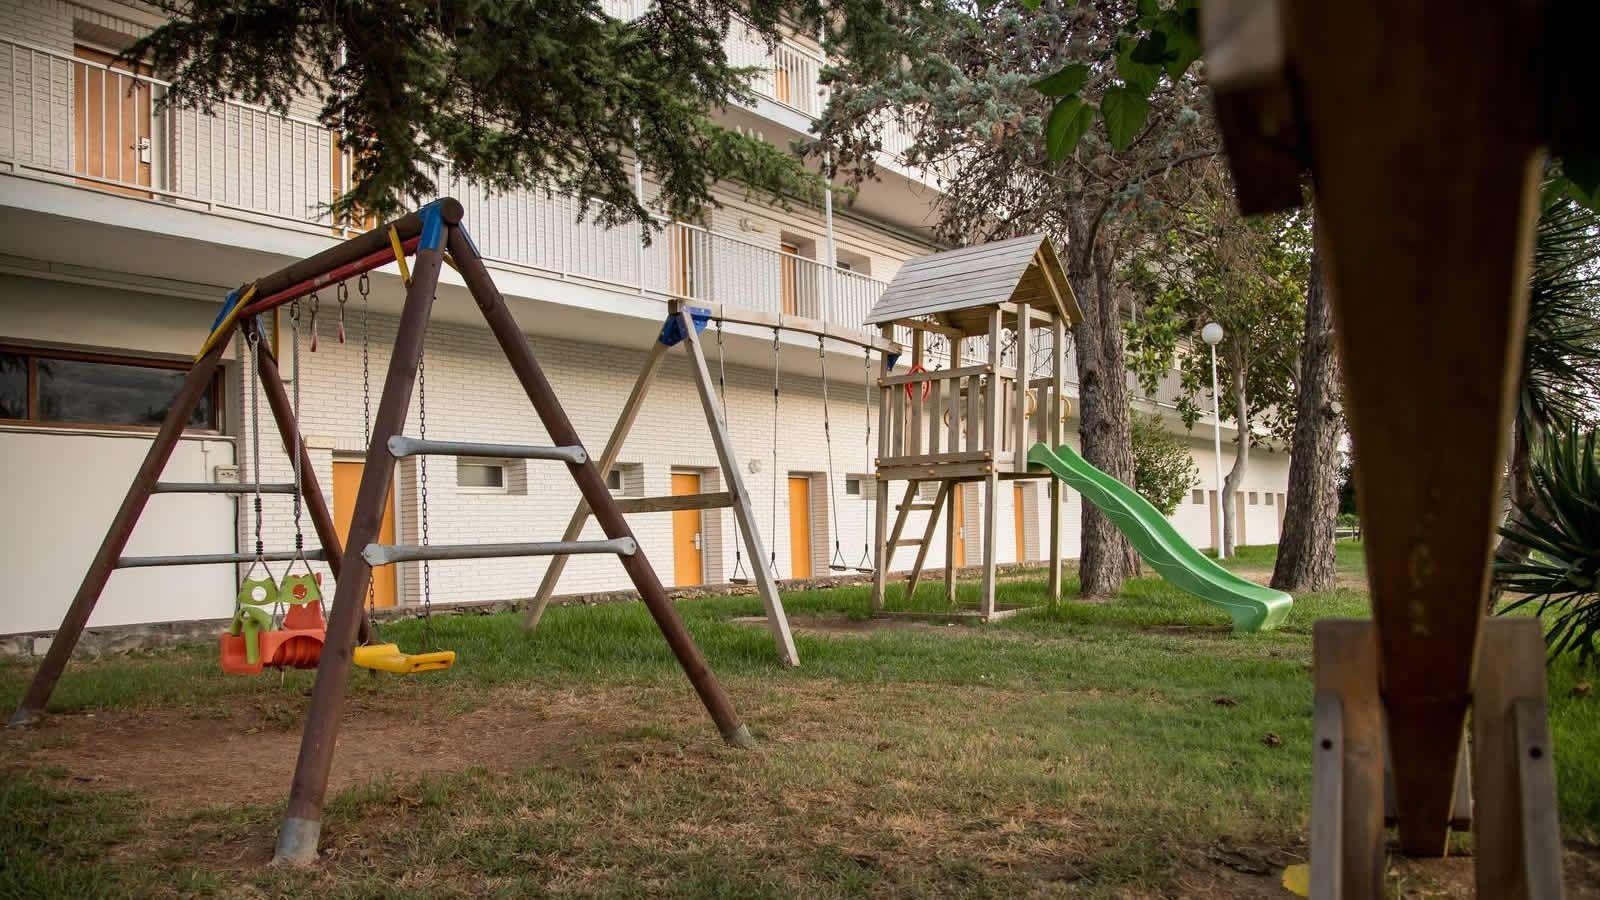 Activitats per a nens a l'hotel Sant Carles de la Ràpita, Alcanar, delta de l'Ebre